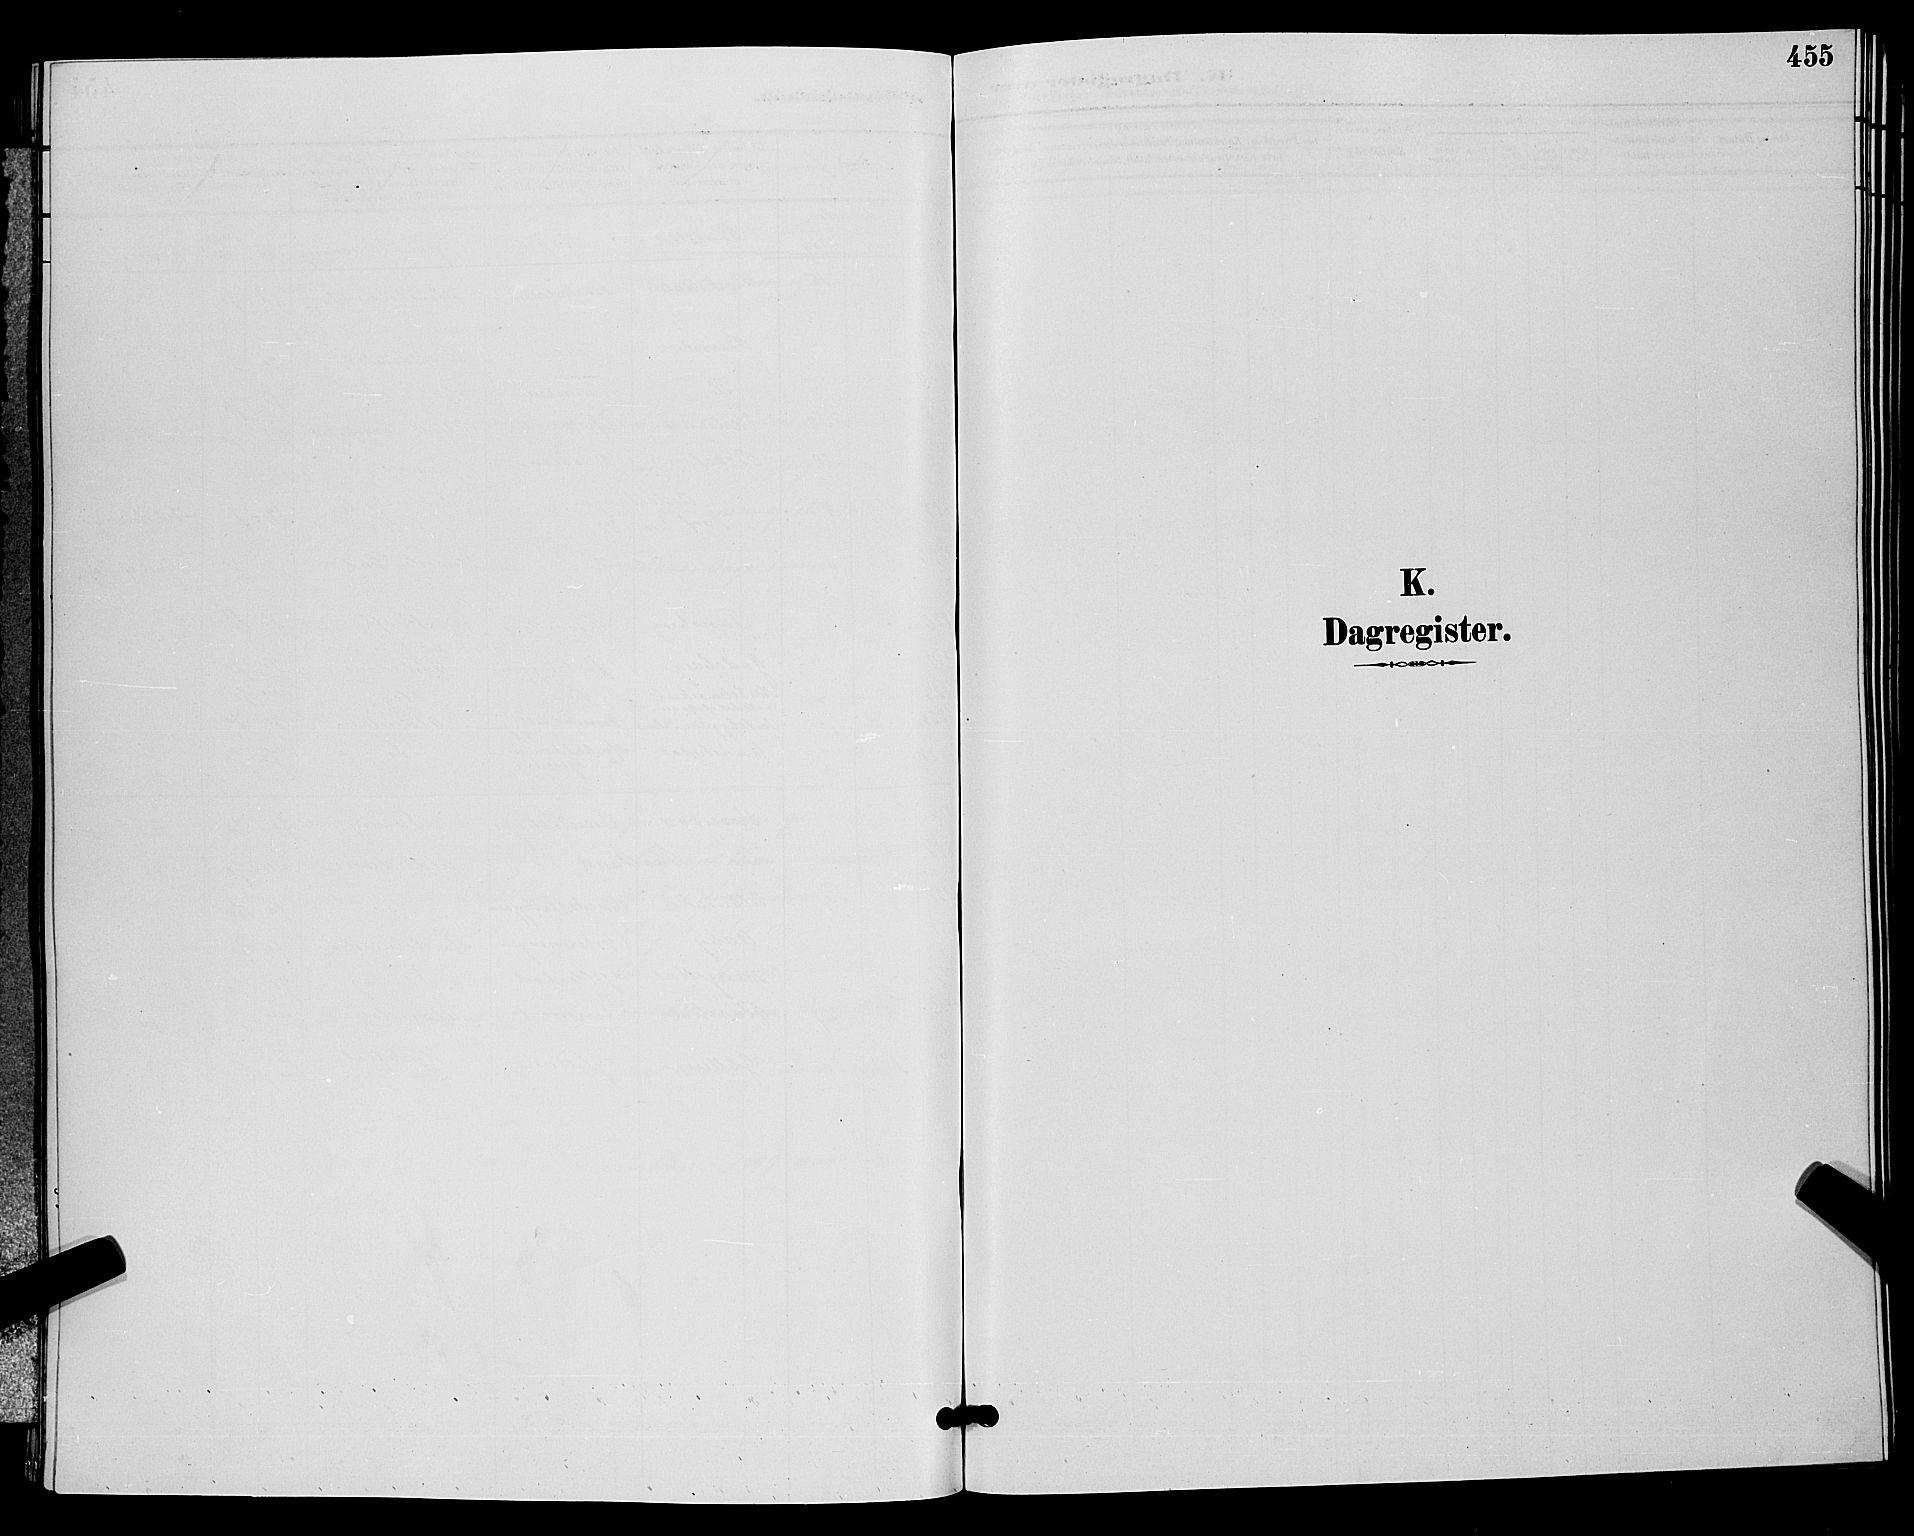 SAKO, Bamble kirkebøker, G/Ga/L0009: Klokkerbok nr. I 9, 1888-1900, s. 455